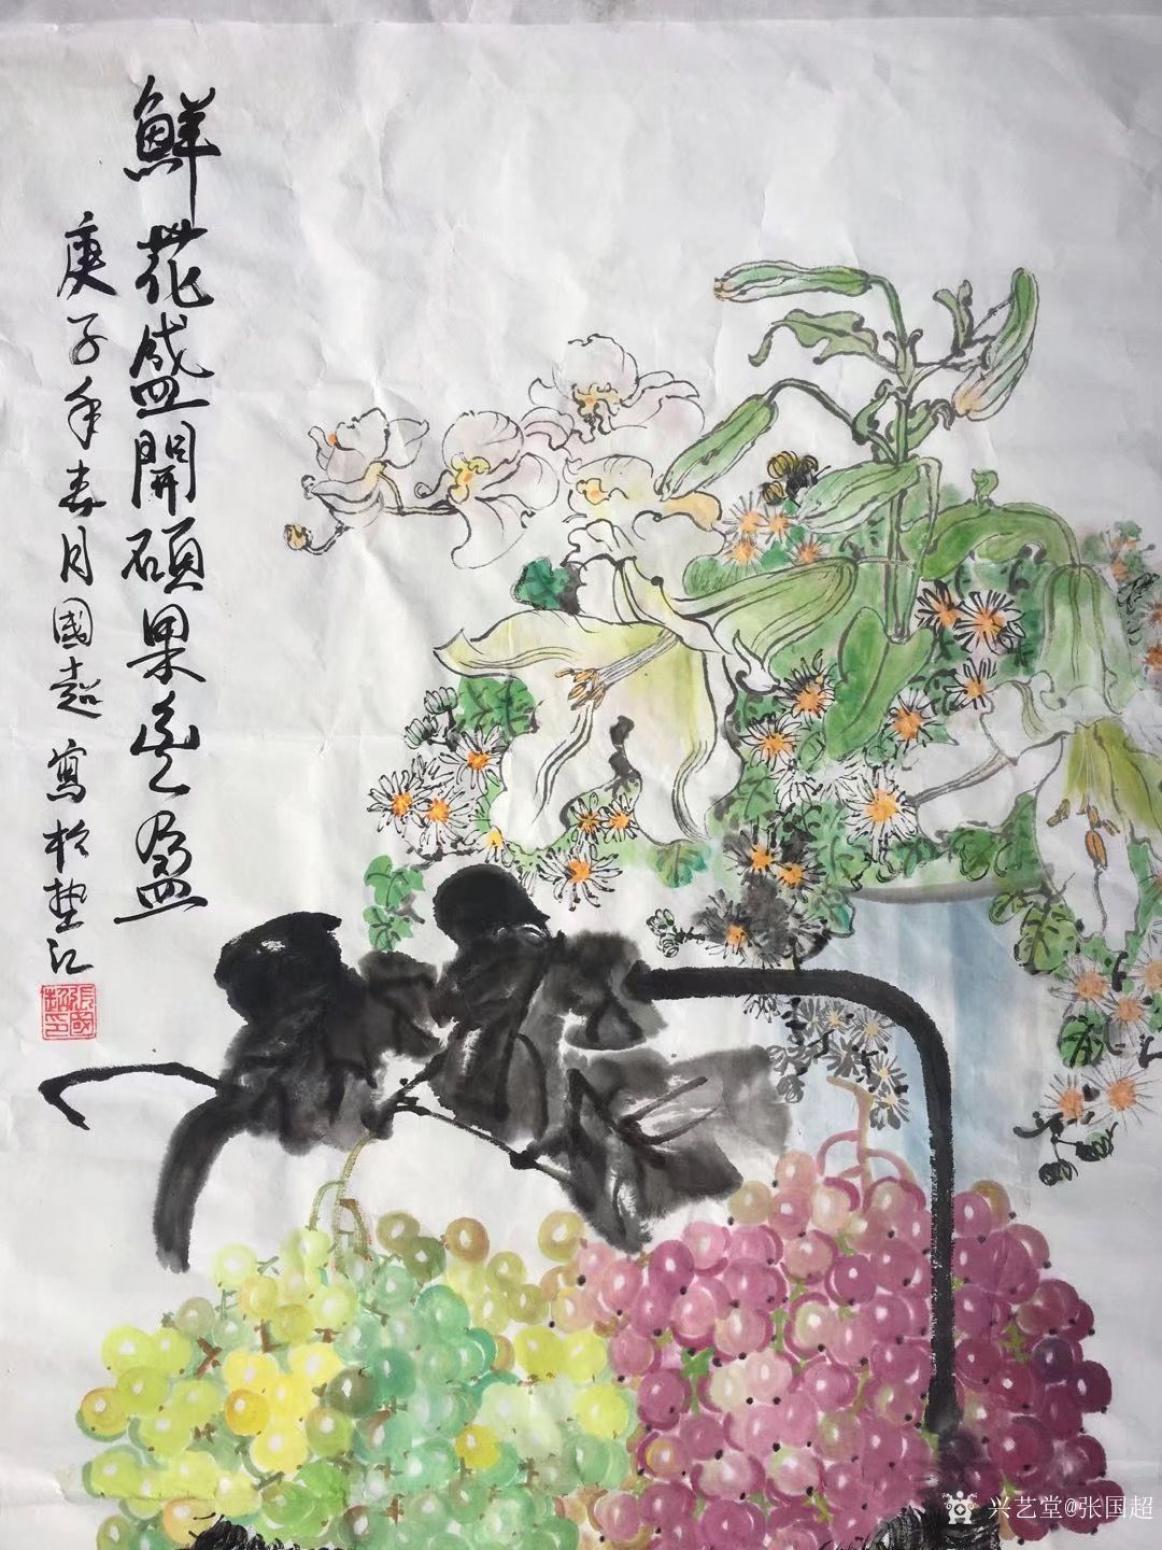 张国超国画作品《鲜花盛开硕果丰盈》【图2】